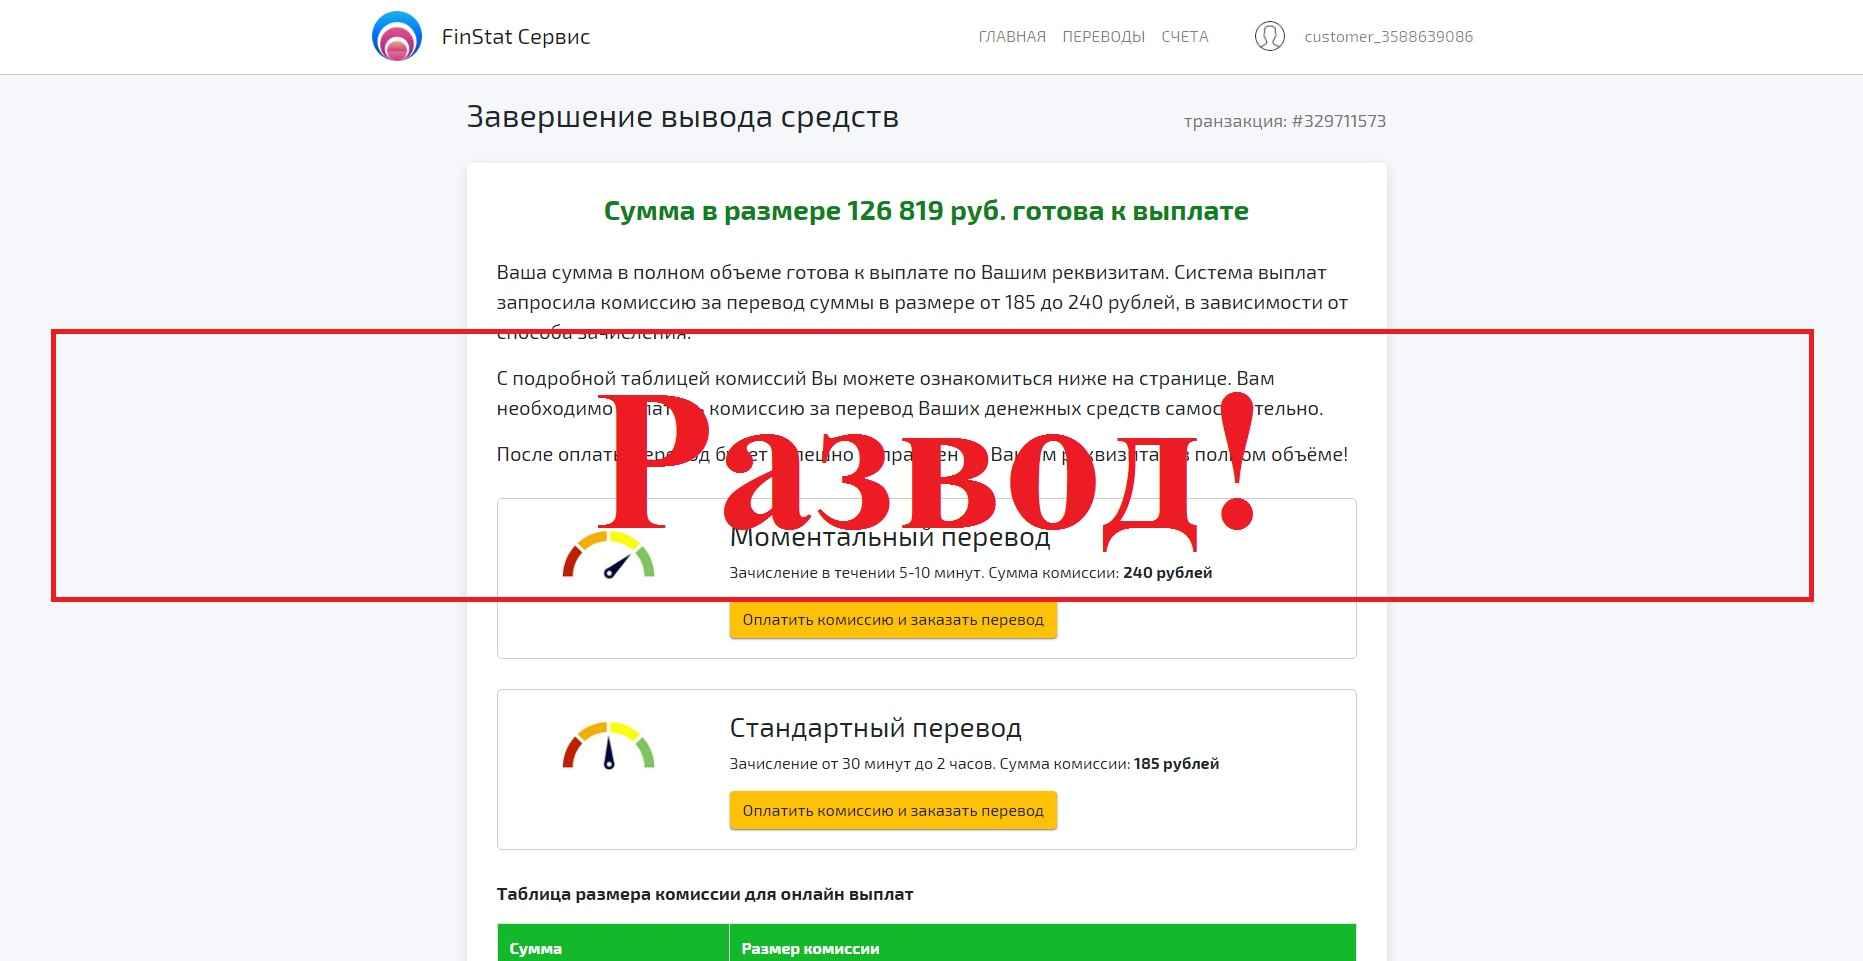 FinStat Сервис – реальные отзывы о разводе СОЦОПРОС «2019»